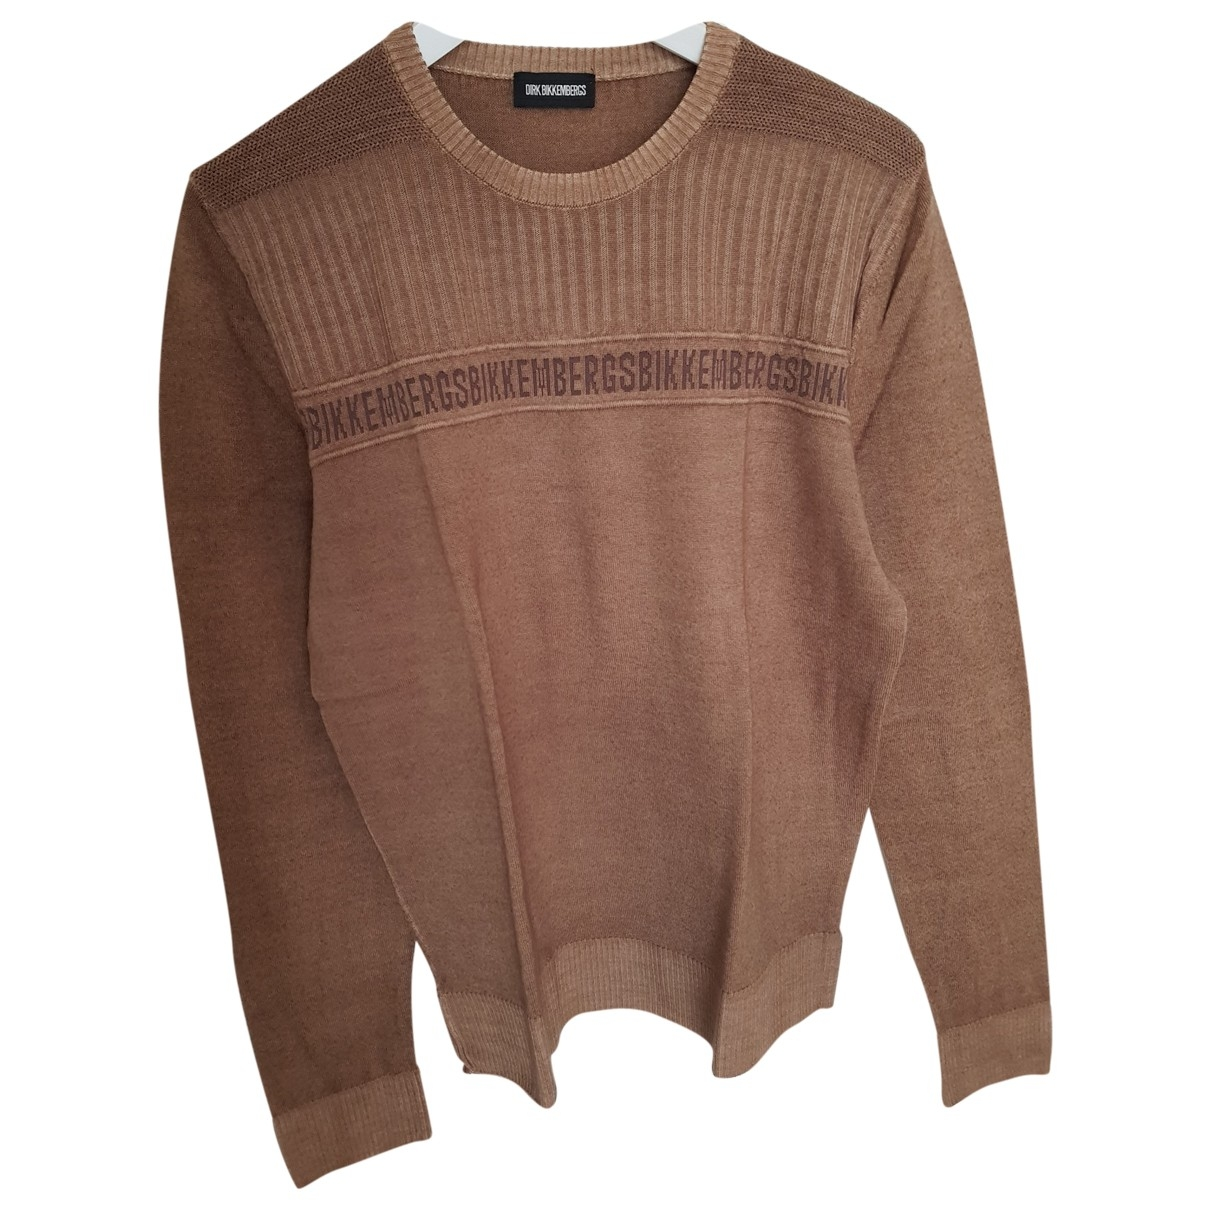 Dirk Bikkembergs \N Camel Wool Knitwear & Sweatshirts for Men M International